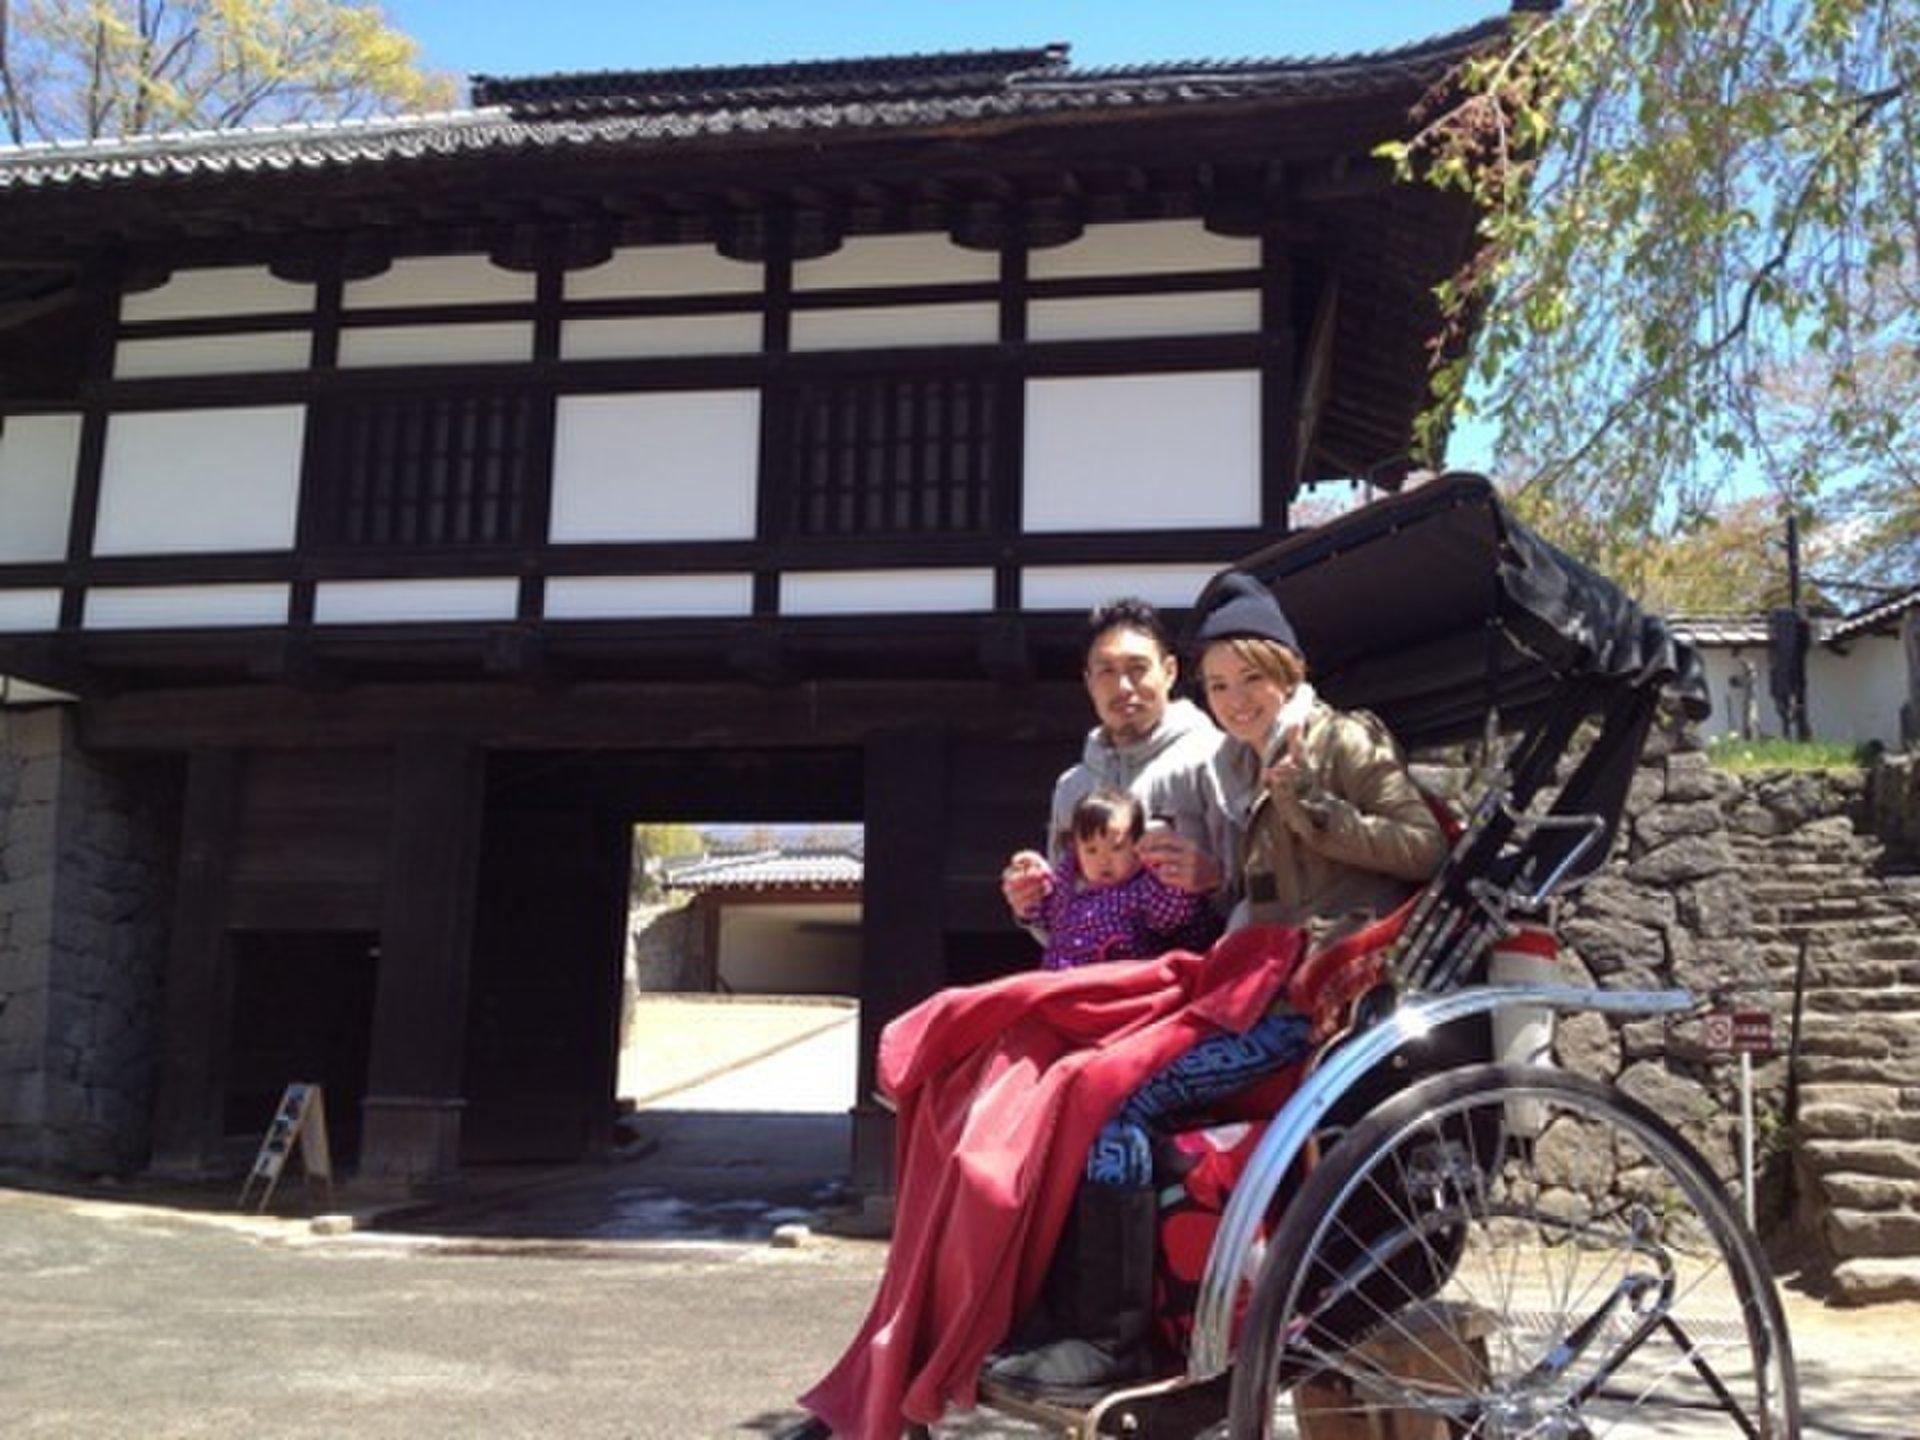 秋・冬の旅行は長野県へ行こう!小諸で風情ある懐古園と動物園を満喫!子連れでもおすすめ!